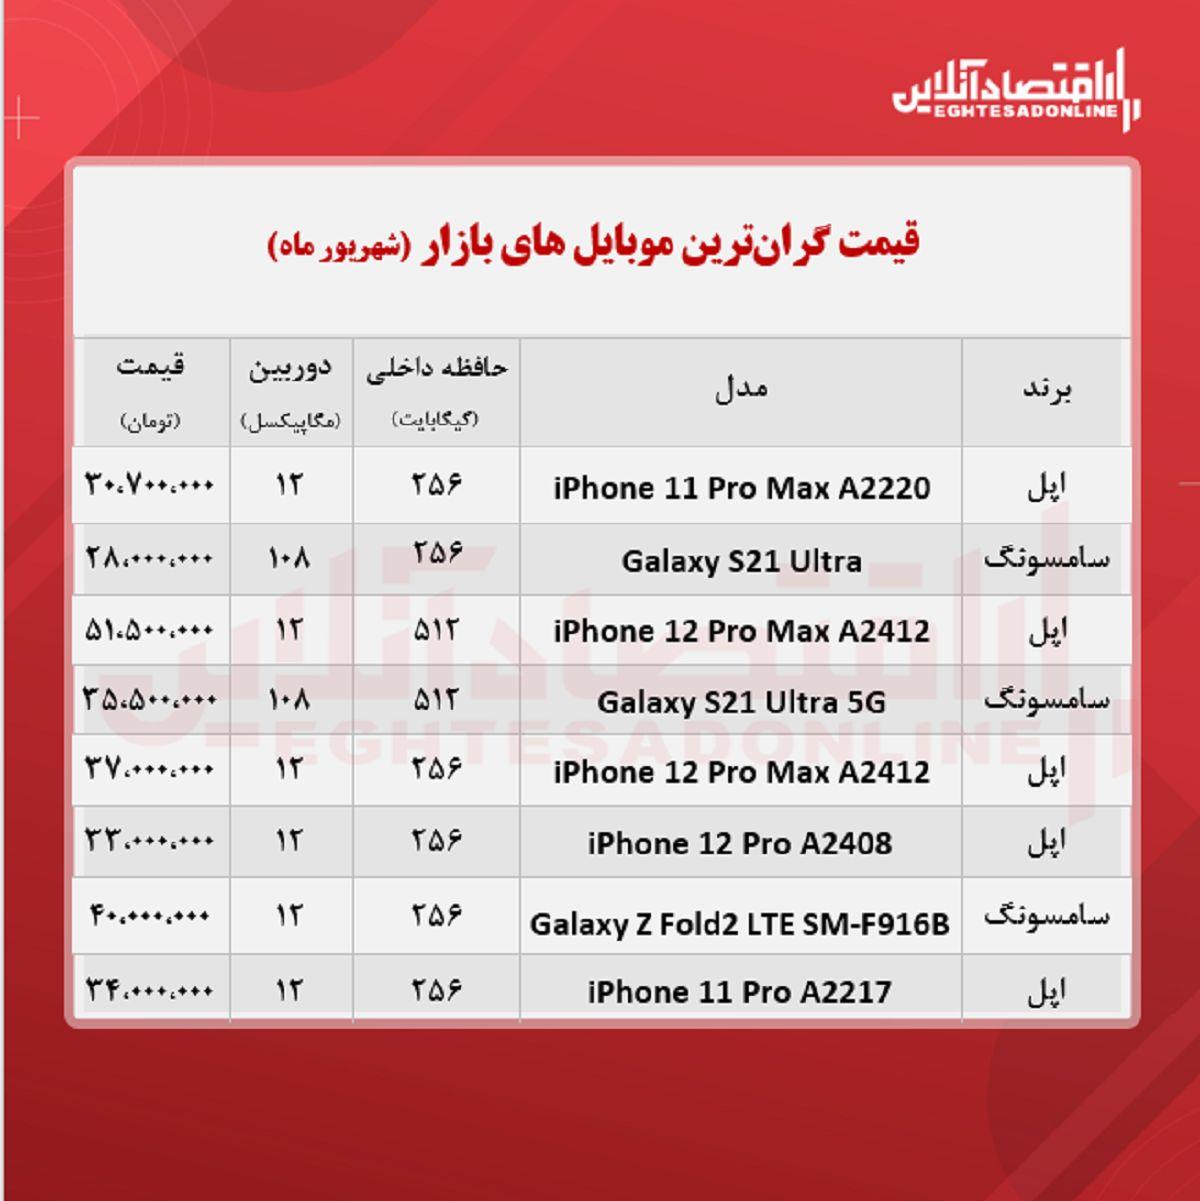 قیمت گران ترین گوشی های بازار / ۲۱شهریور